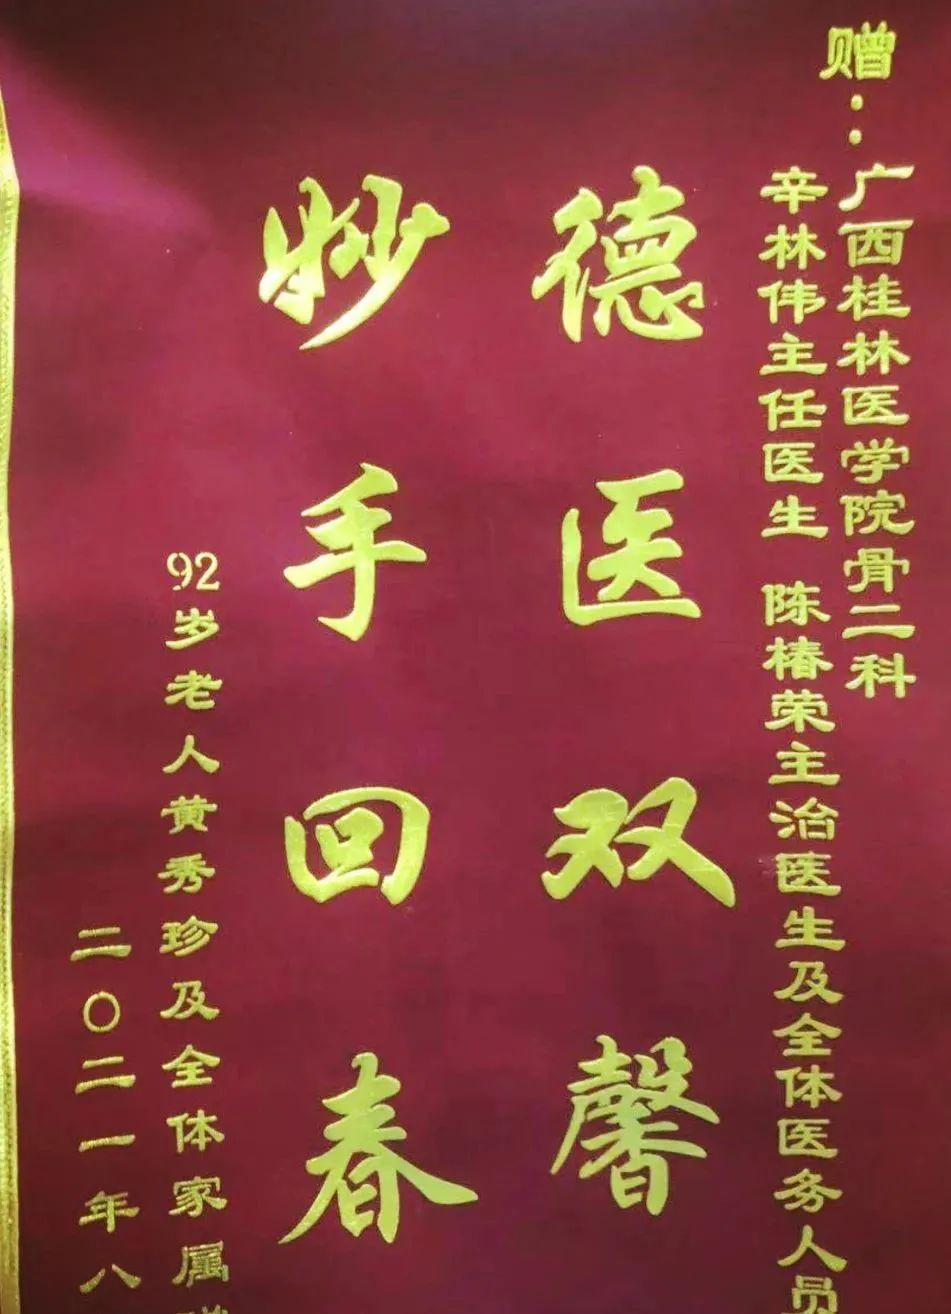 桂林医学院附属医院 3D 打印技术助力 92 岁患者进行高难度手术并快速康复